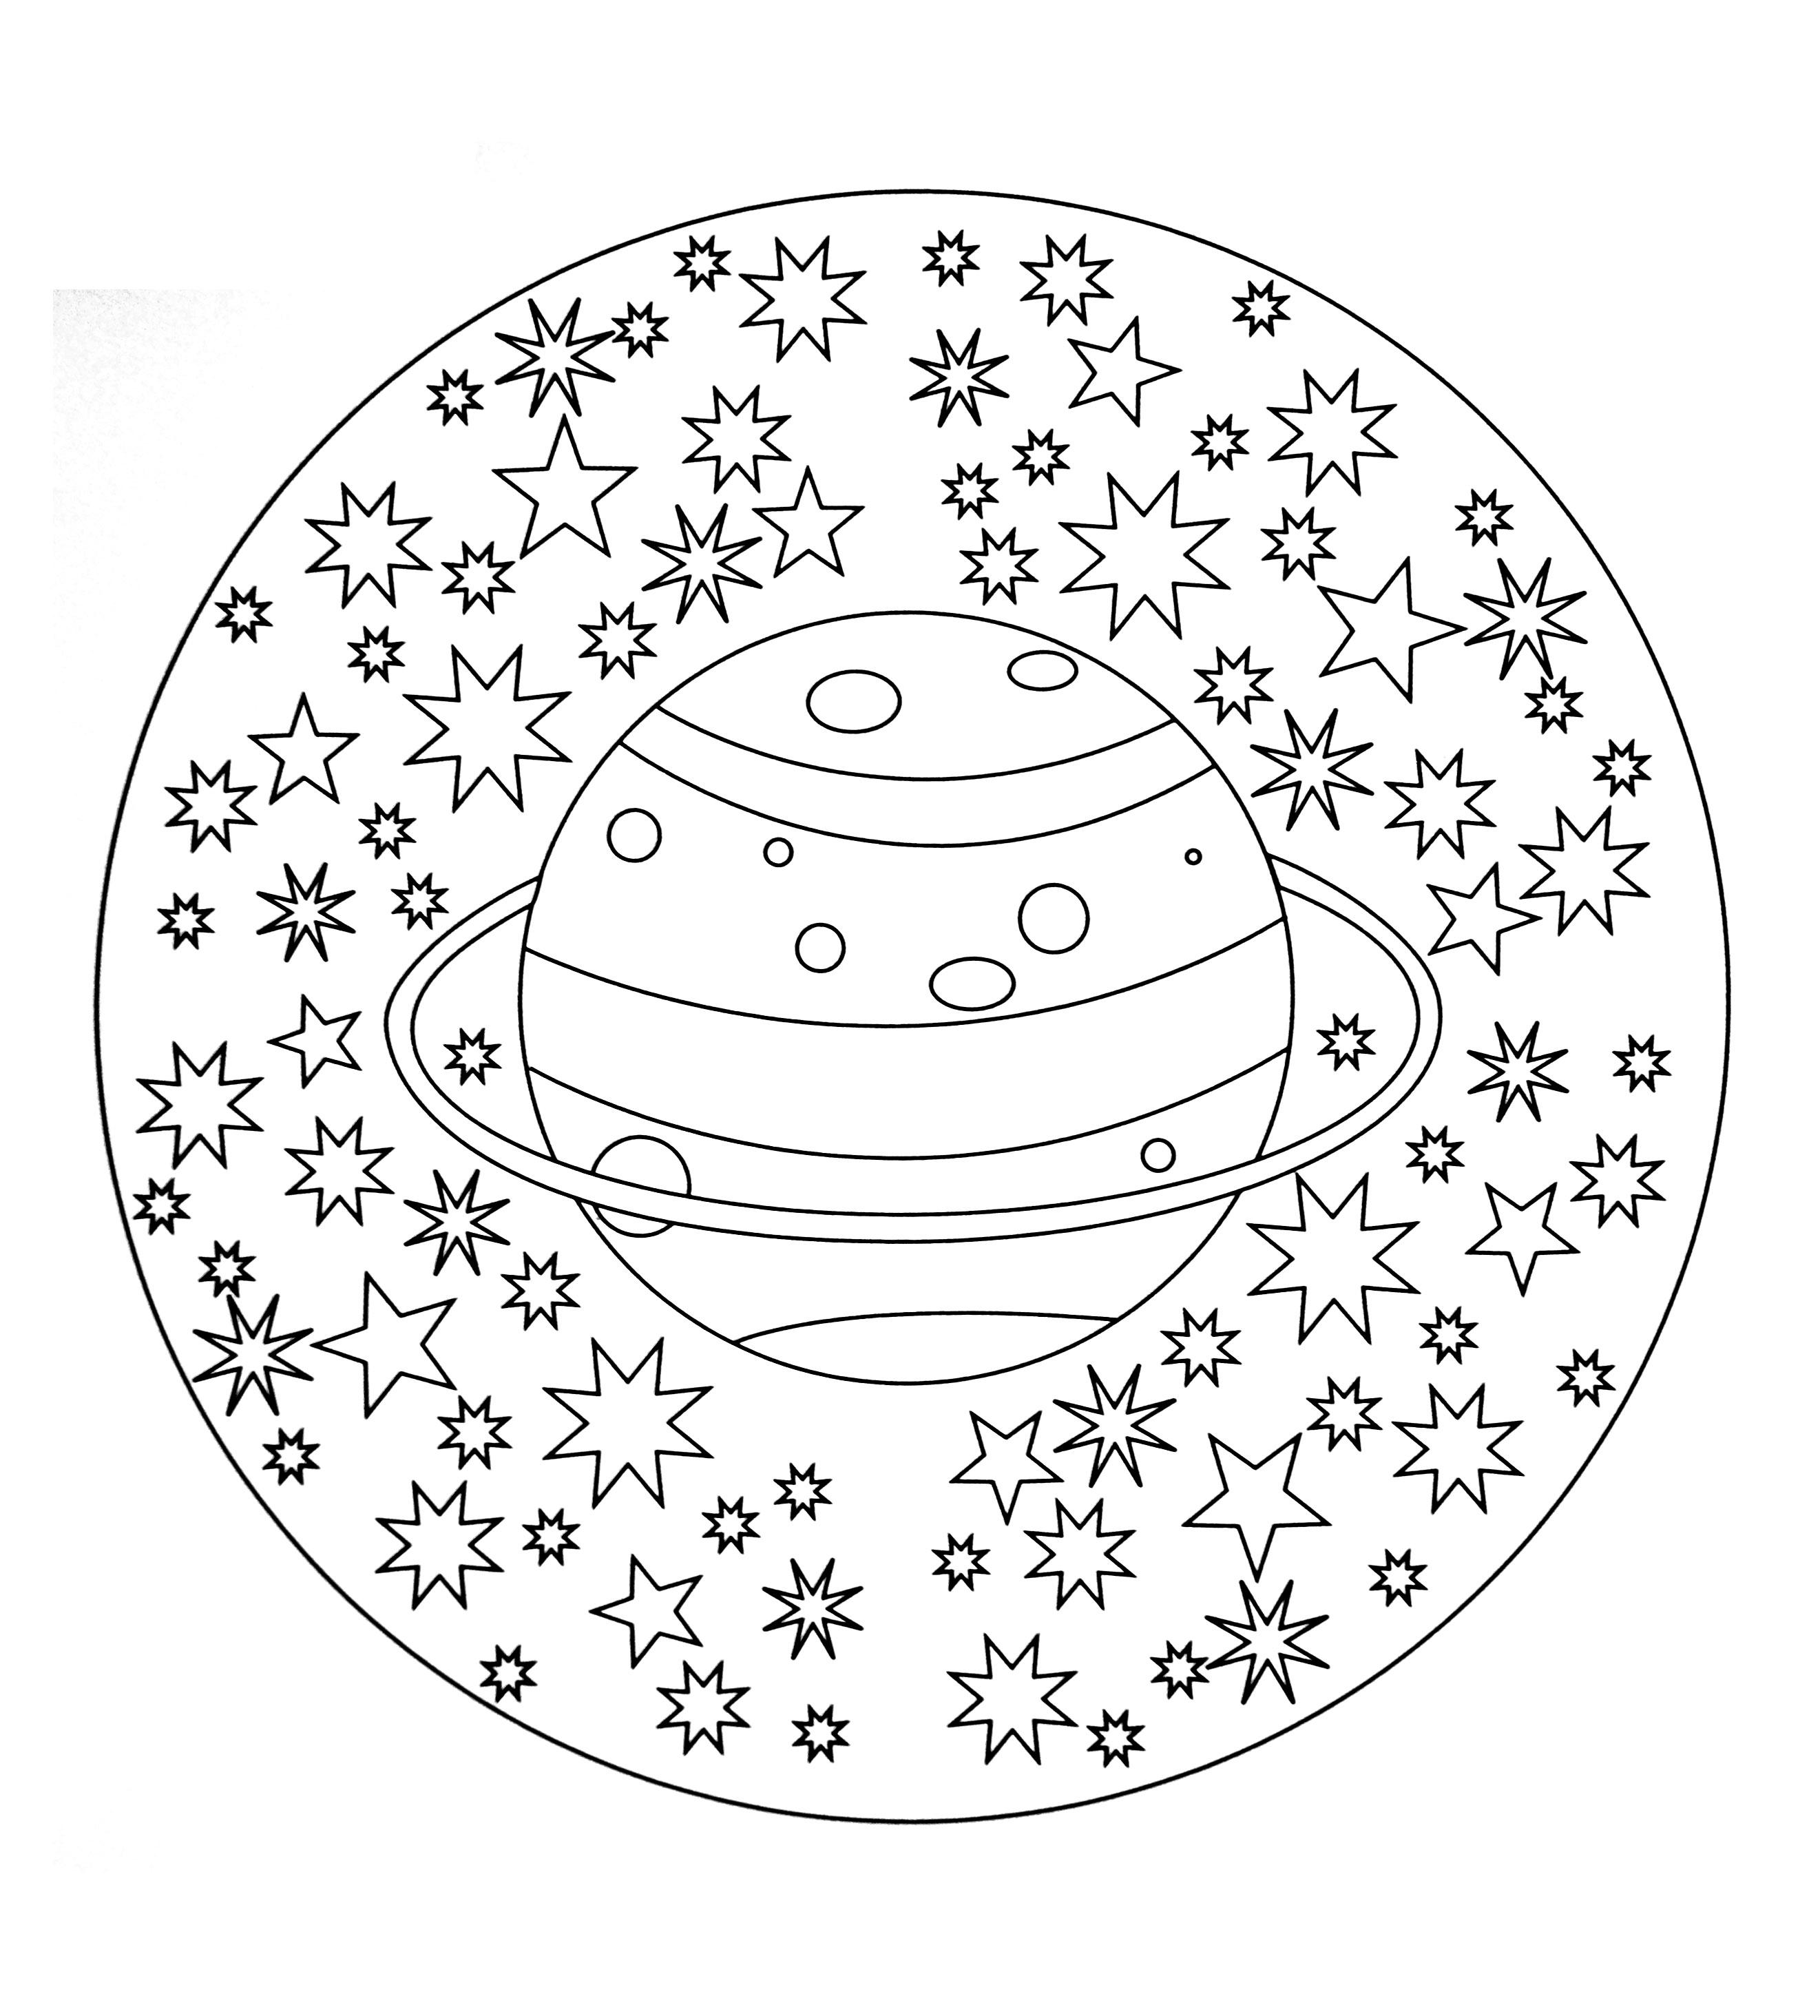 Mandala a colorier facile enfant 5 mandalas faciles - Coloriage mandala enfants ...